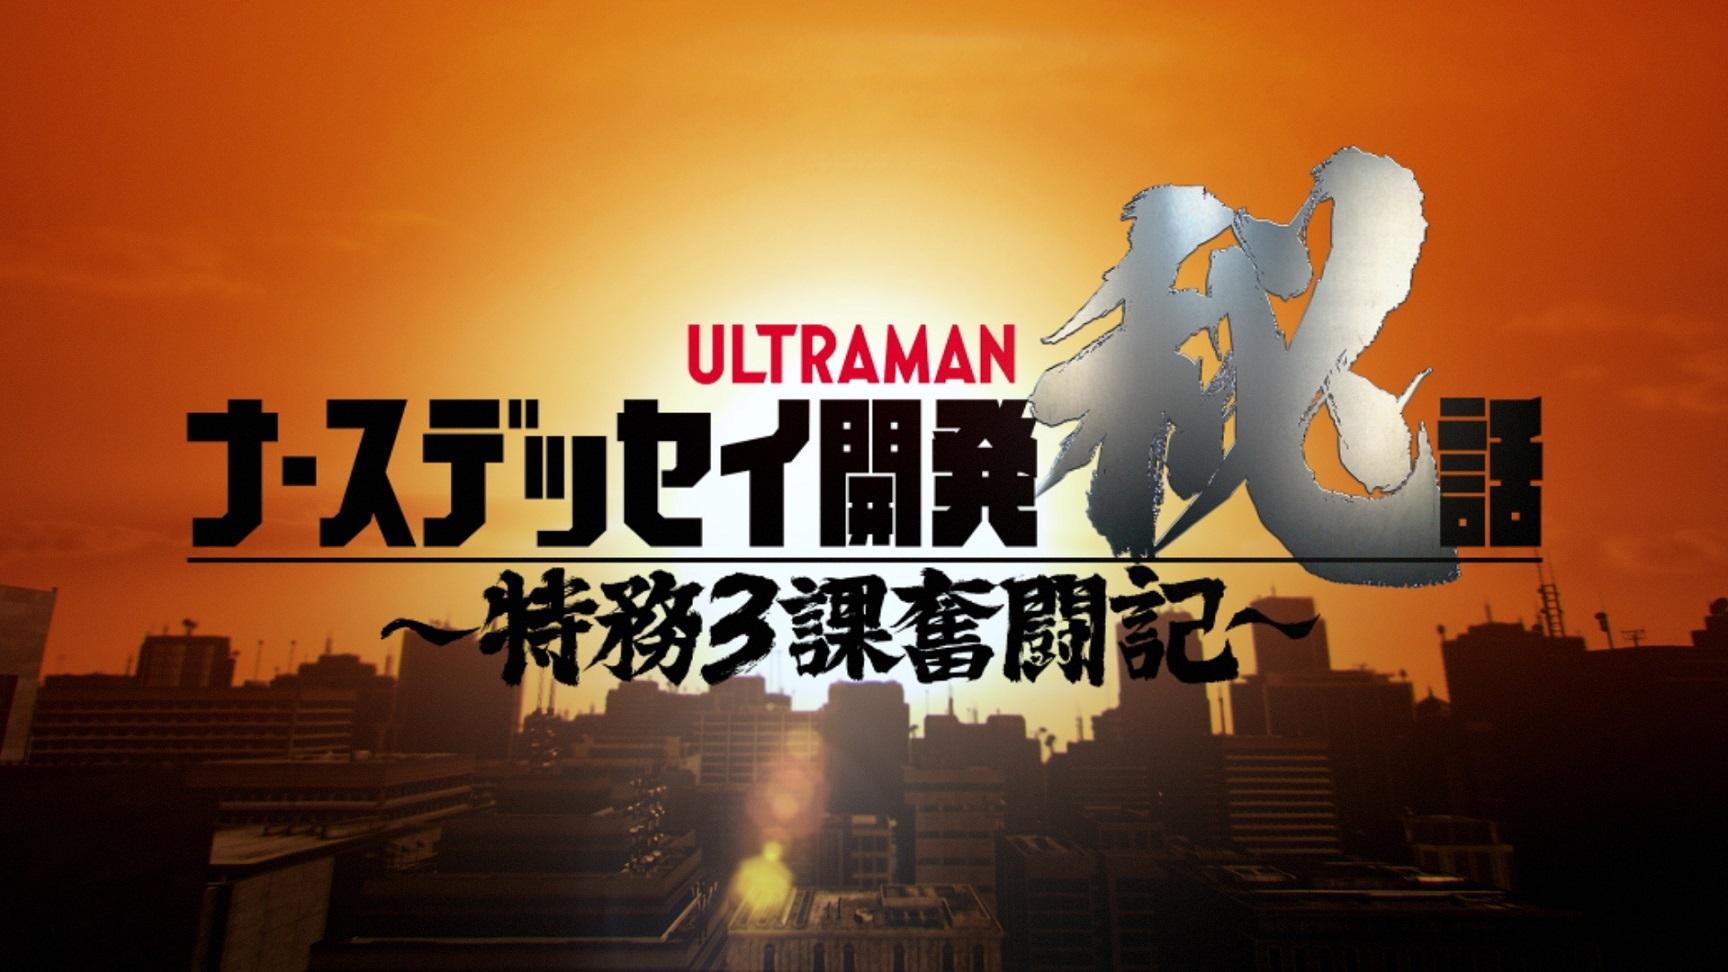 (c)円谷プロ (c)ウルトラマントリガー製作委員会・テレビ東京